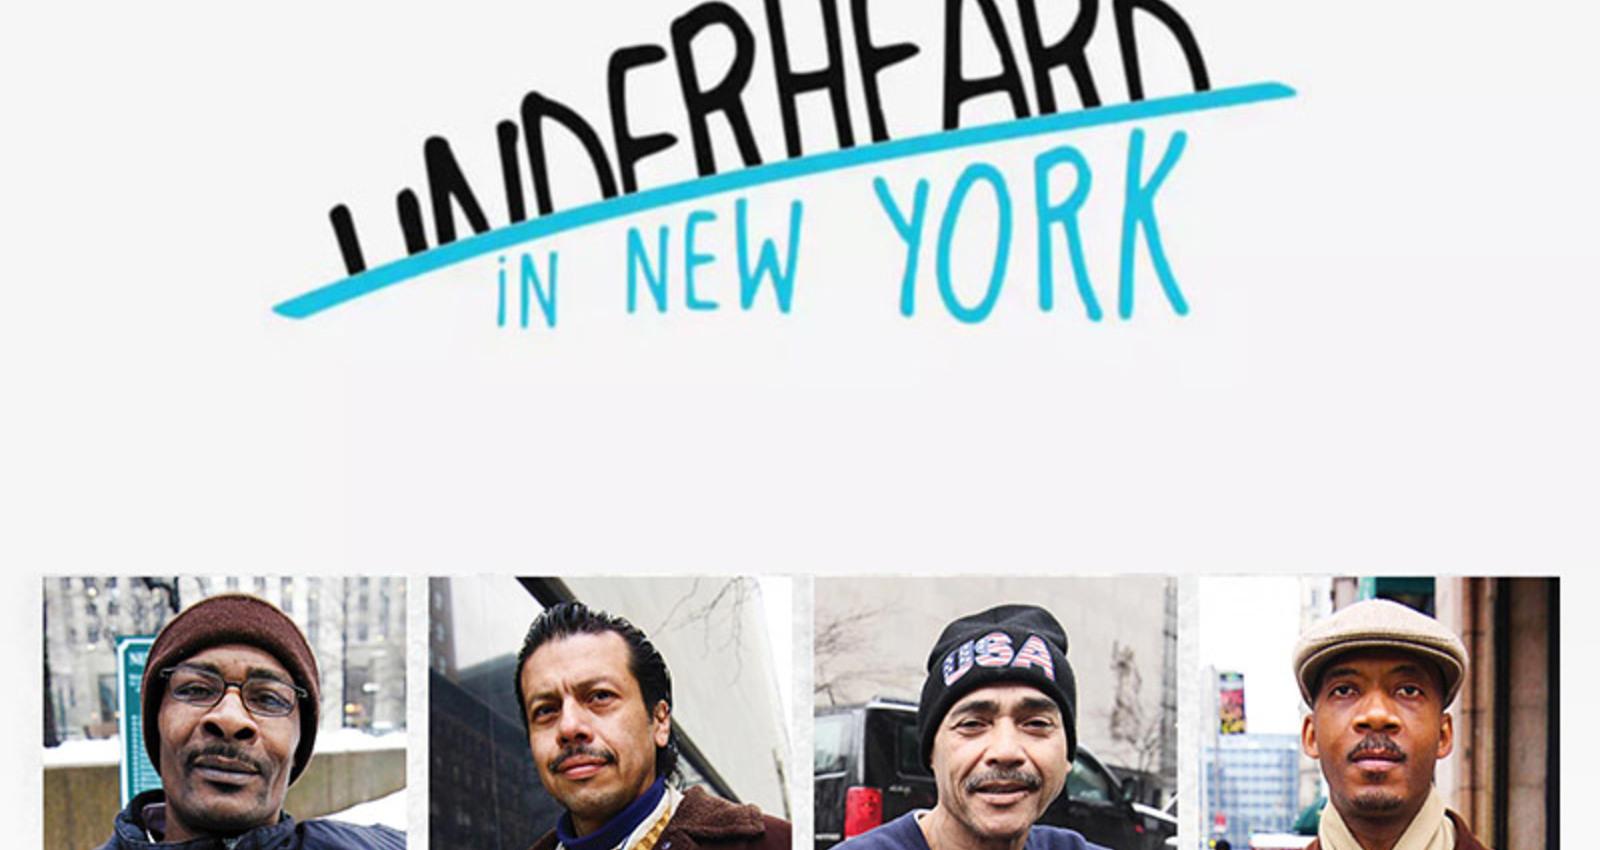 Underheard in New York